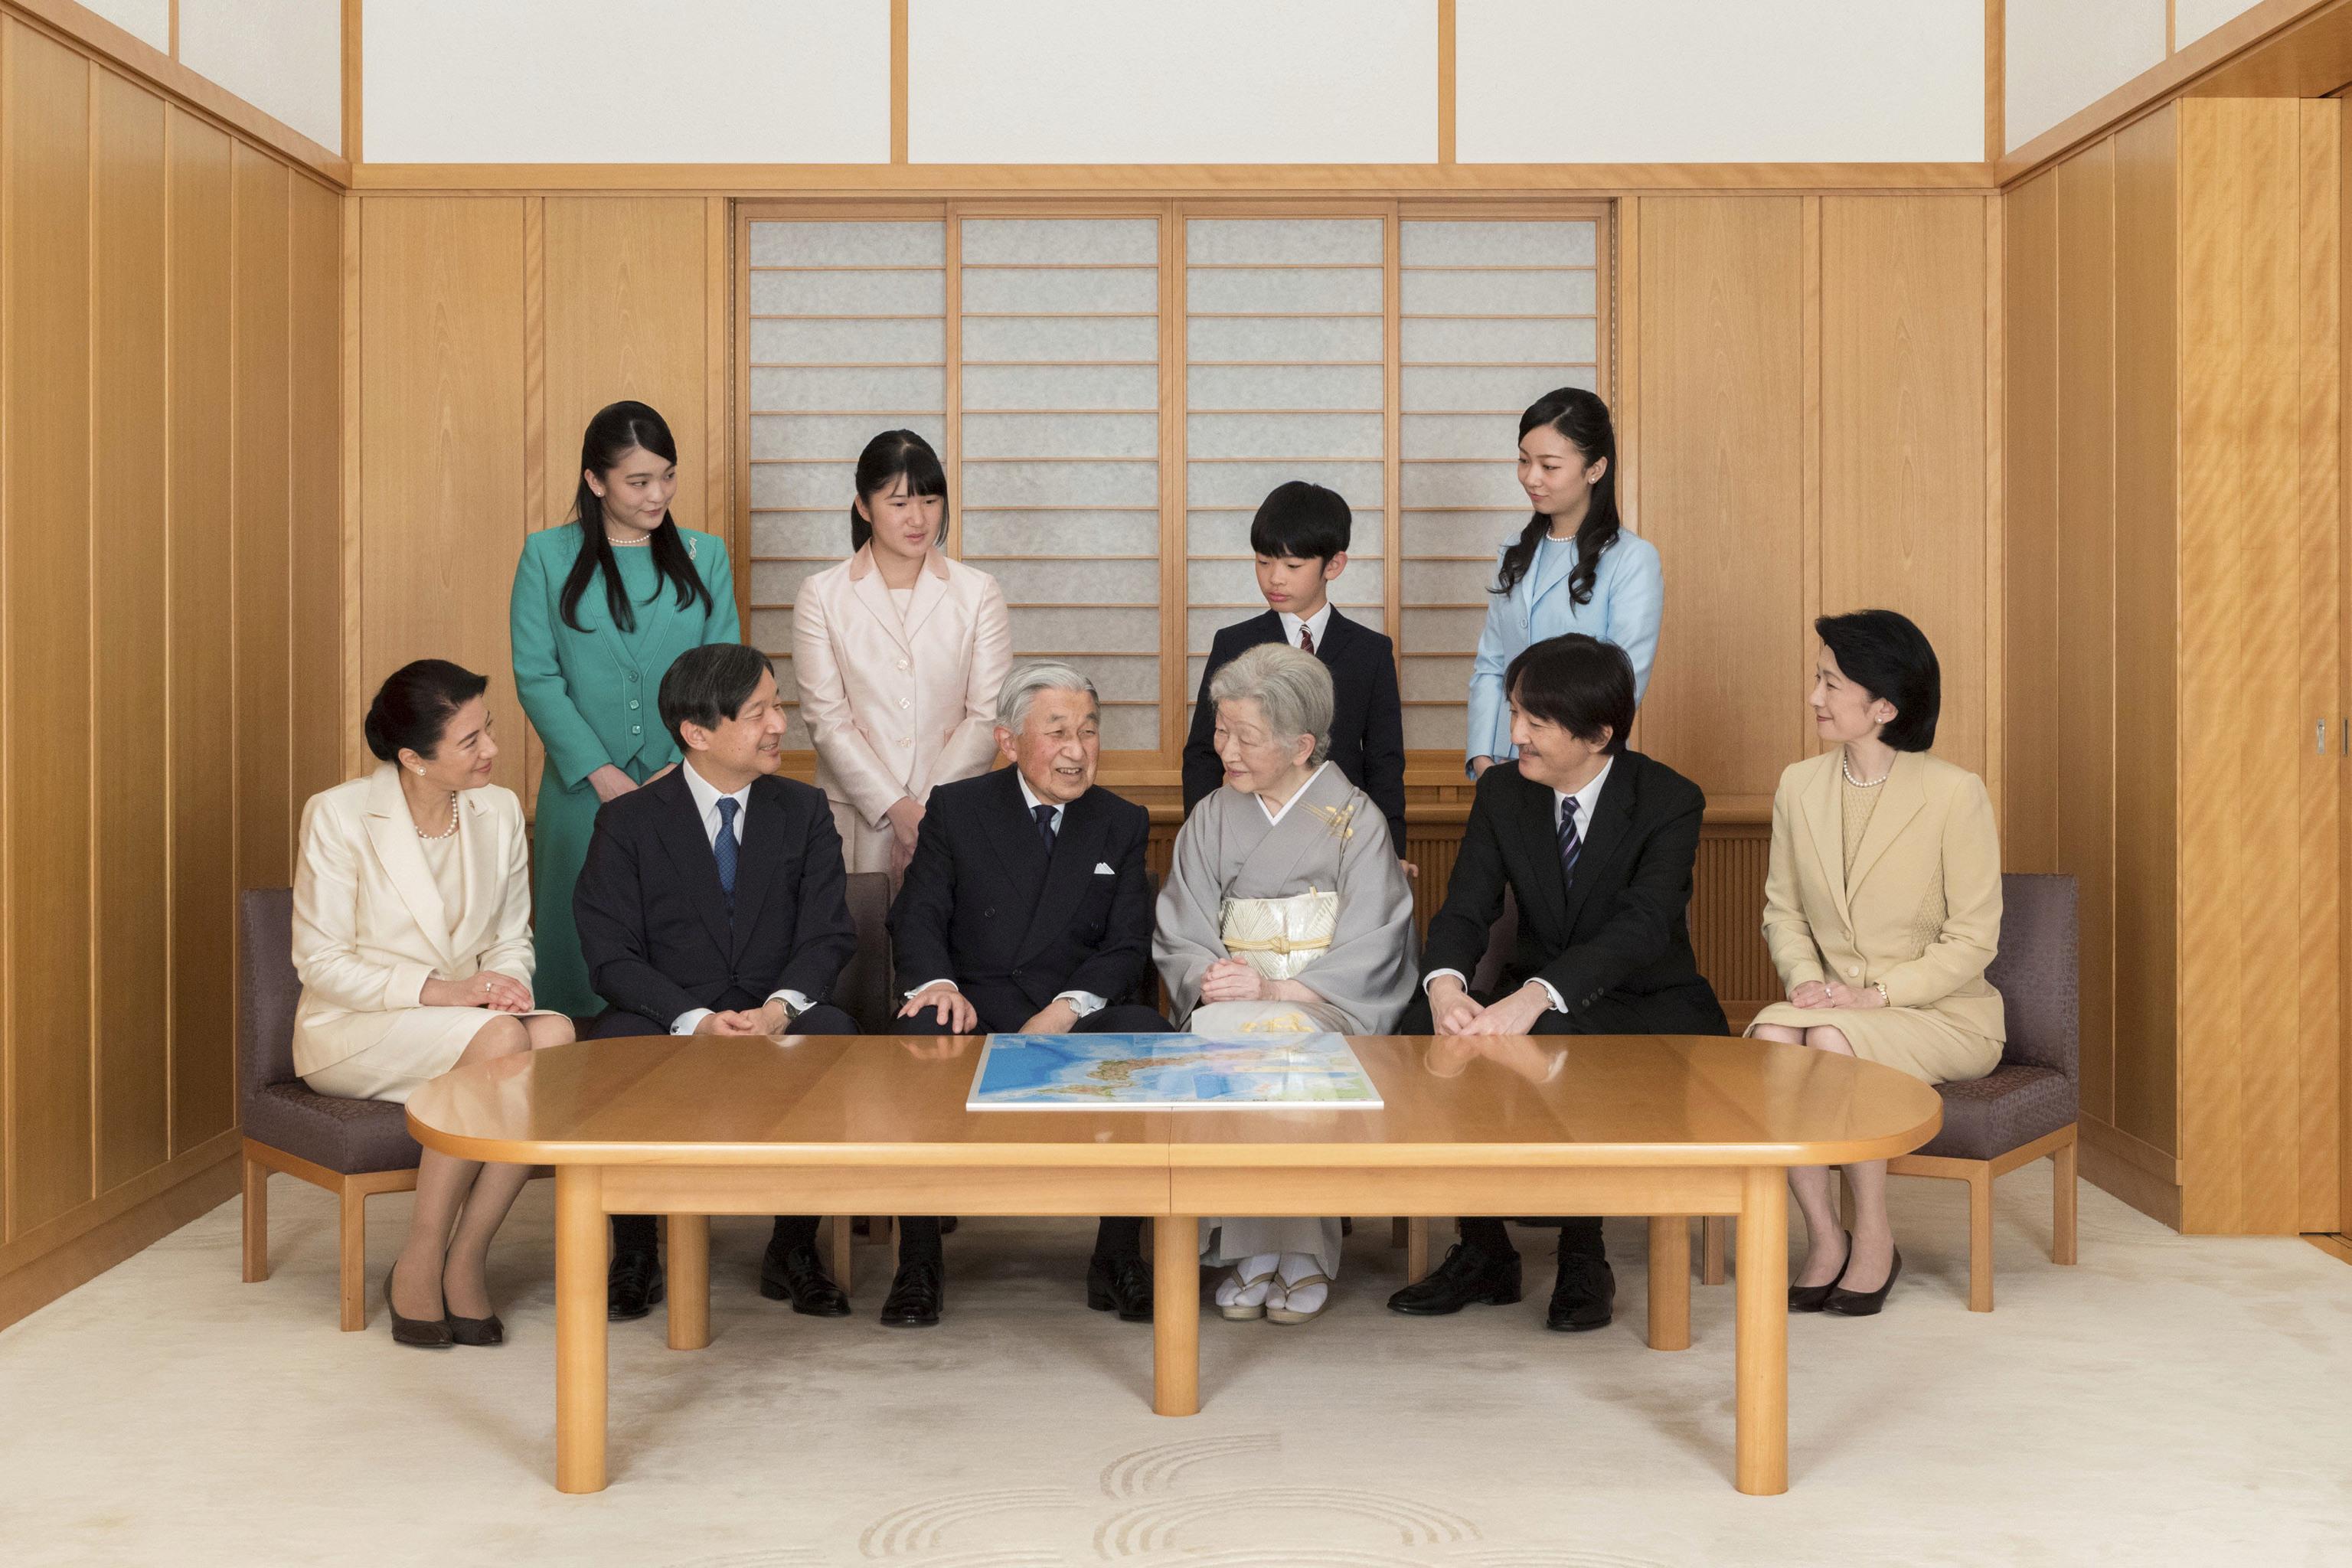 El ex emperador Akihito con toda su familia.